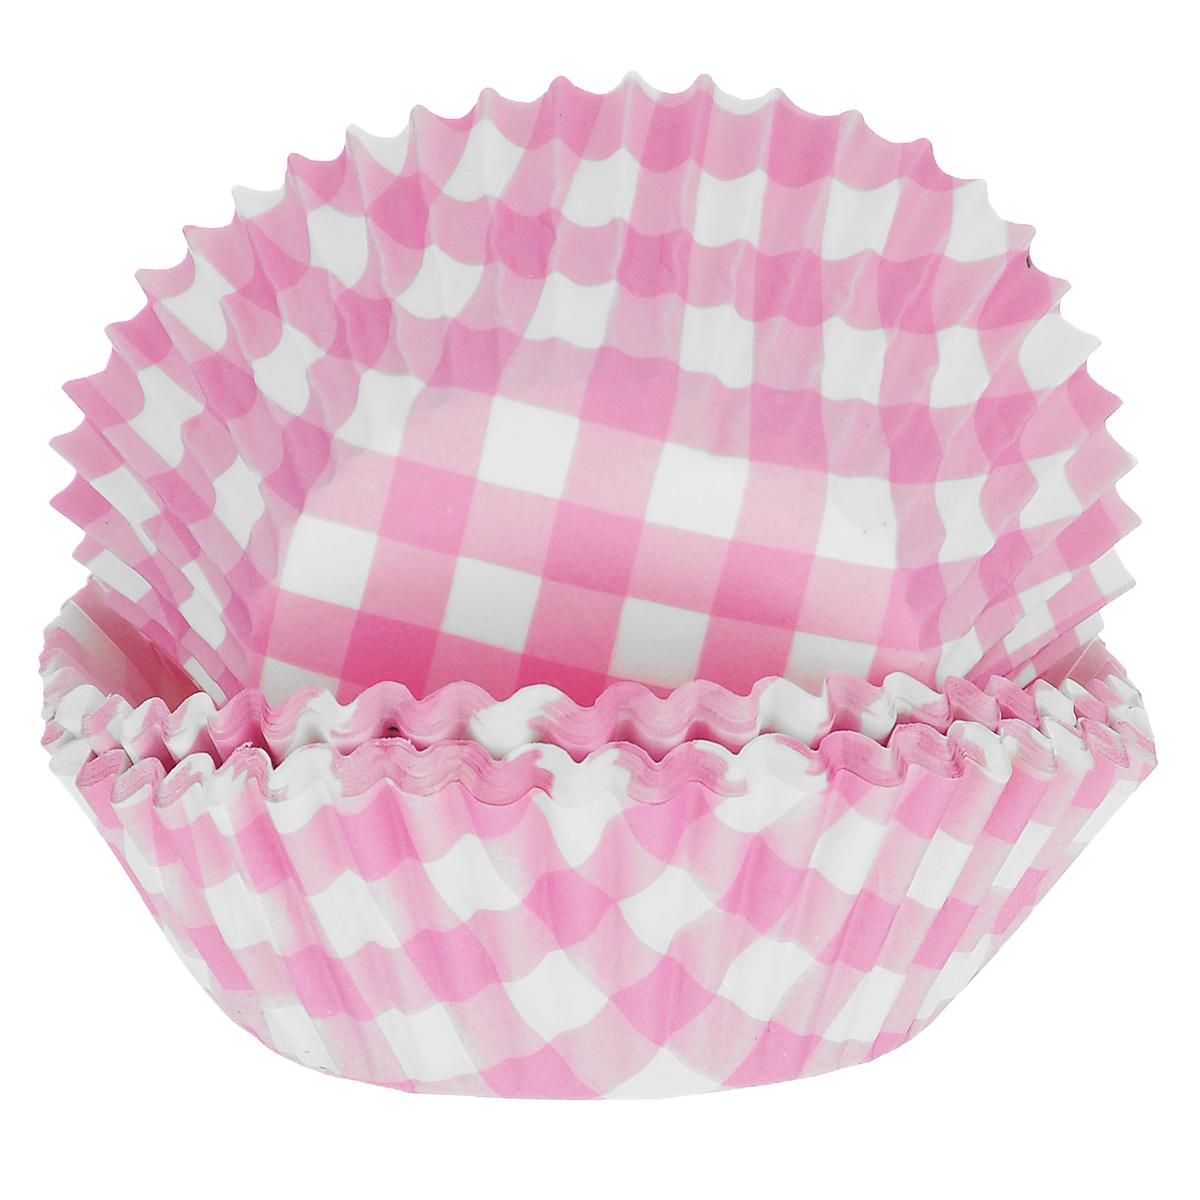 Набор бумажных форм для кексов Dolce Arti Клетка, цвет: розовый, диаметр 5 см, 50 штDA080206Набор Dolce Arti Клетка состоит из 50 бумажных форм для кексов, оформленных принтом в клетку. Они предназначены для выпечки и упаковки кондитерских изделий, также могут использоваться для сервировки орешков, конфет и много другого. Для одноразового применения. Гофрированные бумажные формы идеальны для выпечки кексов, булочек и пирожных. Высота стенки: 3 см. Диаметр (по верхнему краю): 7 см.